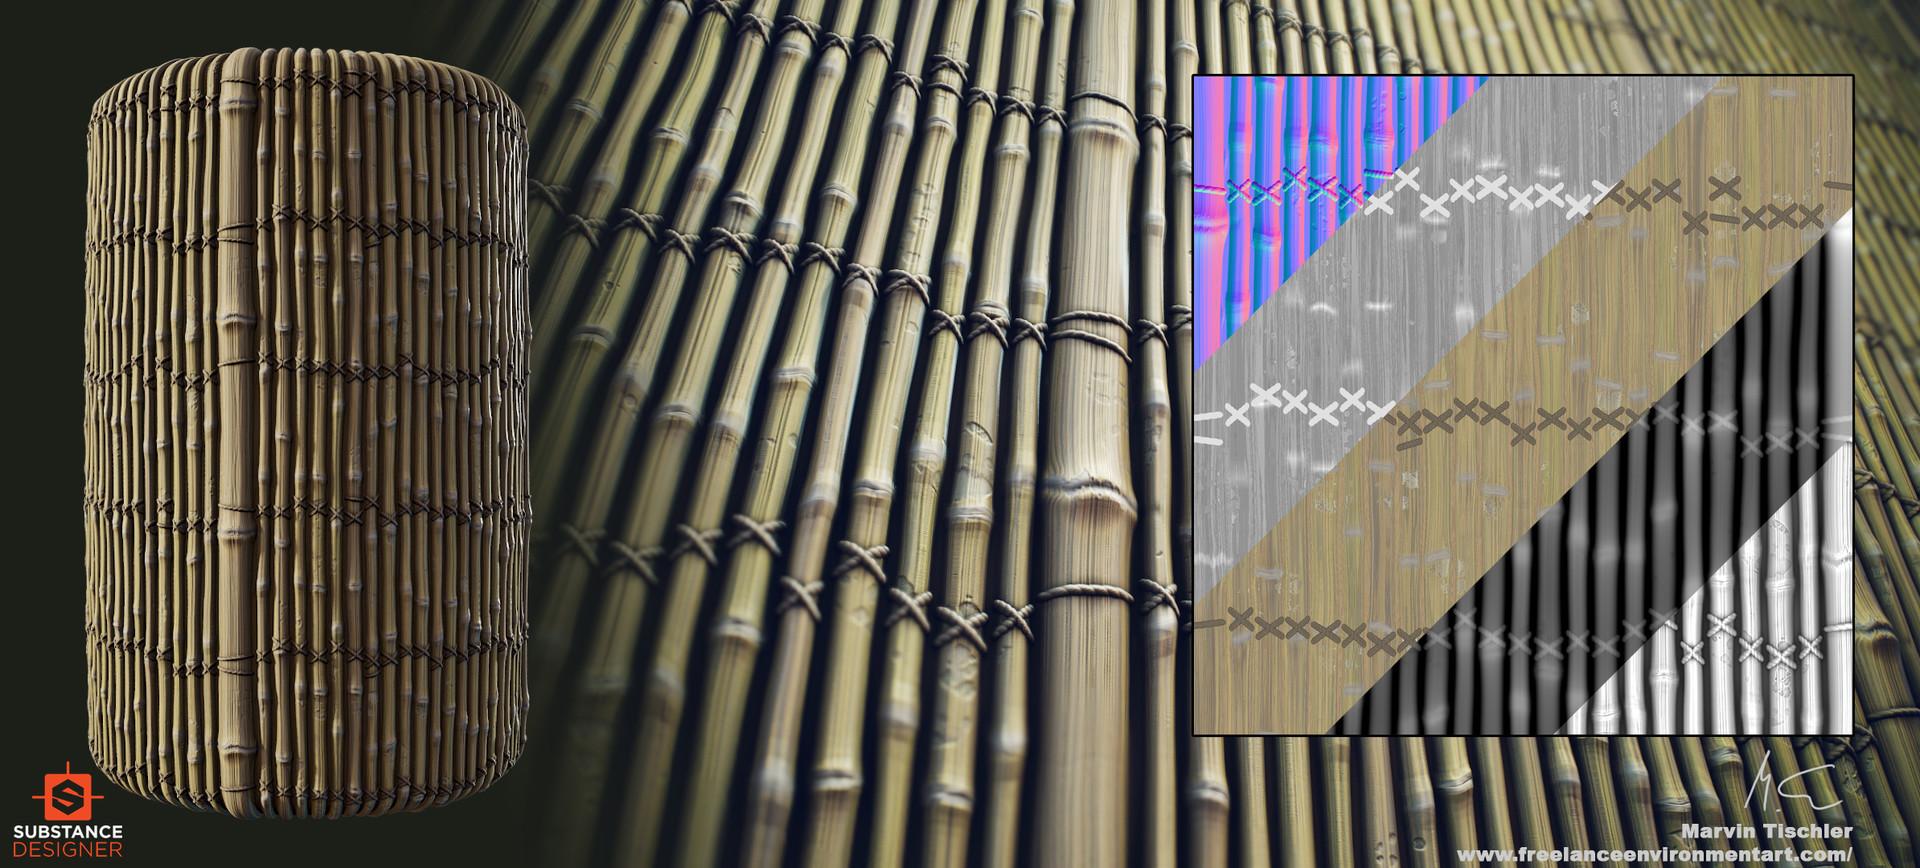 Marvin tischler procedual textures 002 a